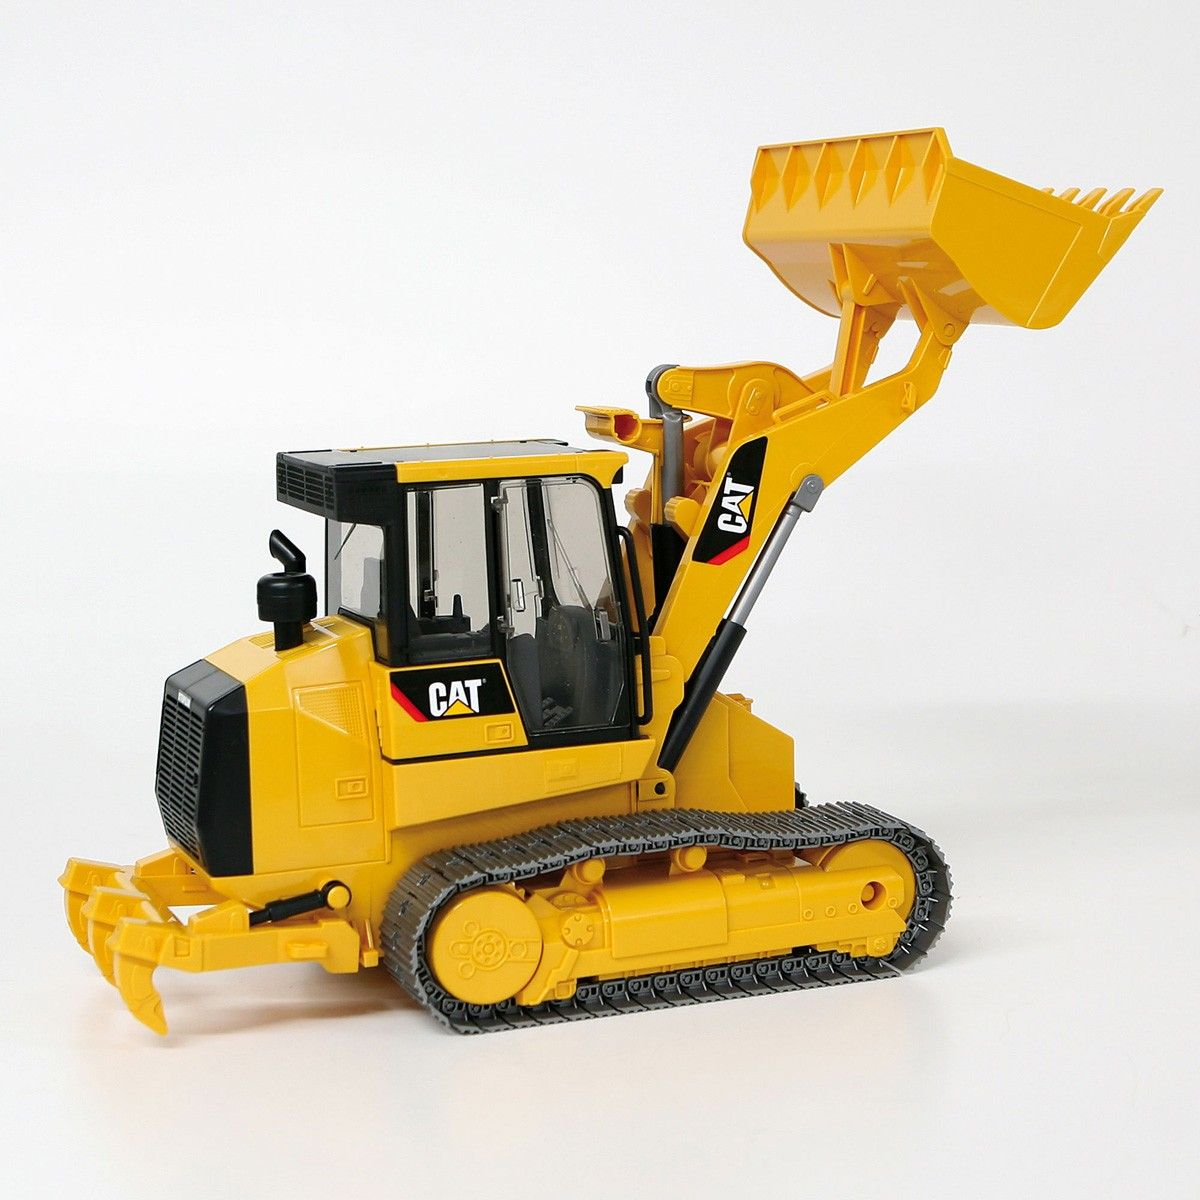 Bruder Toys Caterpillar Wheel Loader New 02442 CAT